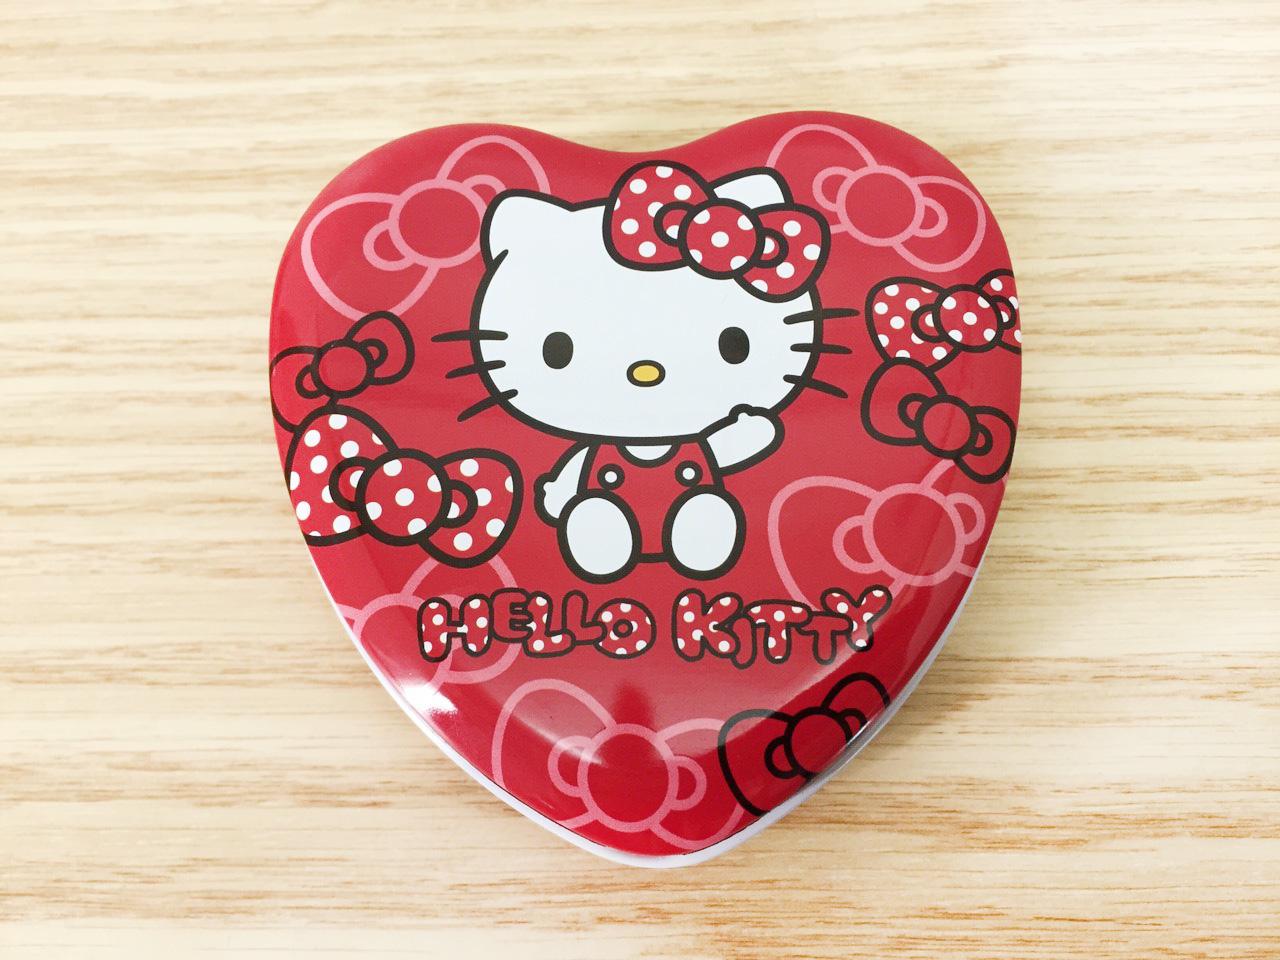 【真愛日本】16011400030心型鐵盒附便條-KT紅 KITTY 凱蒂貓 三麗鷗 文具 便條紙 MEMO